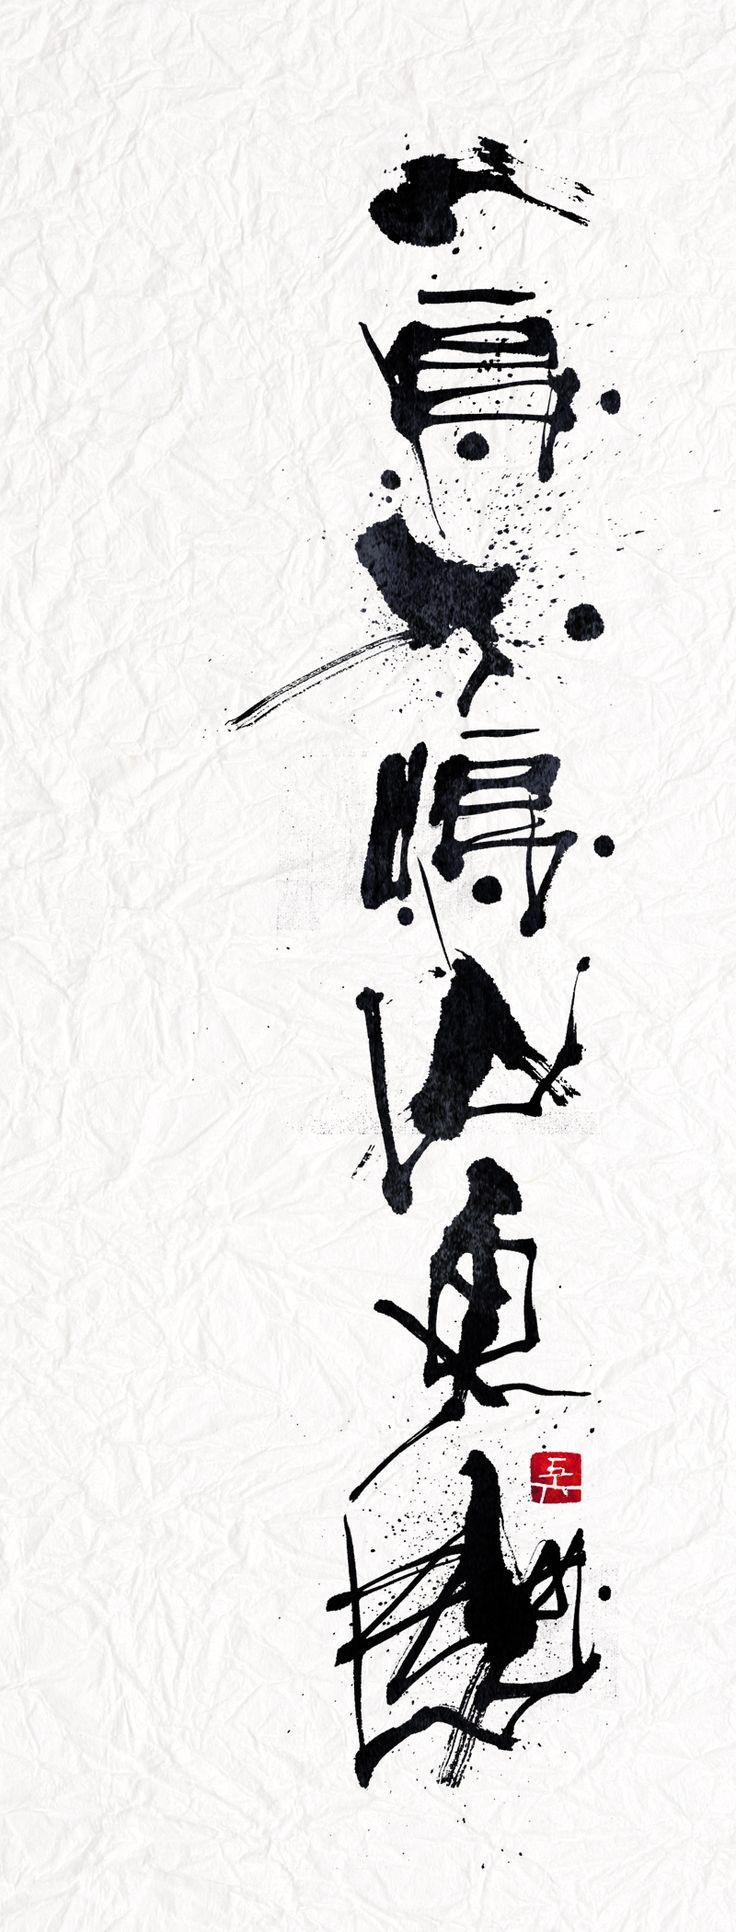 一鳥不鳴山更幽 禅語 禅書 書道作品 zen zenwords calligraphy